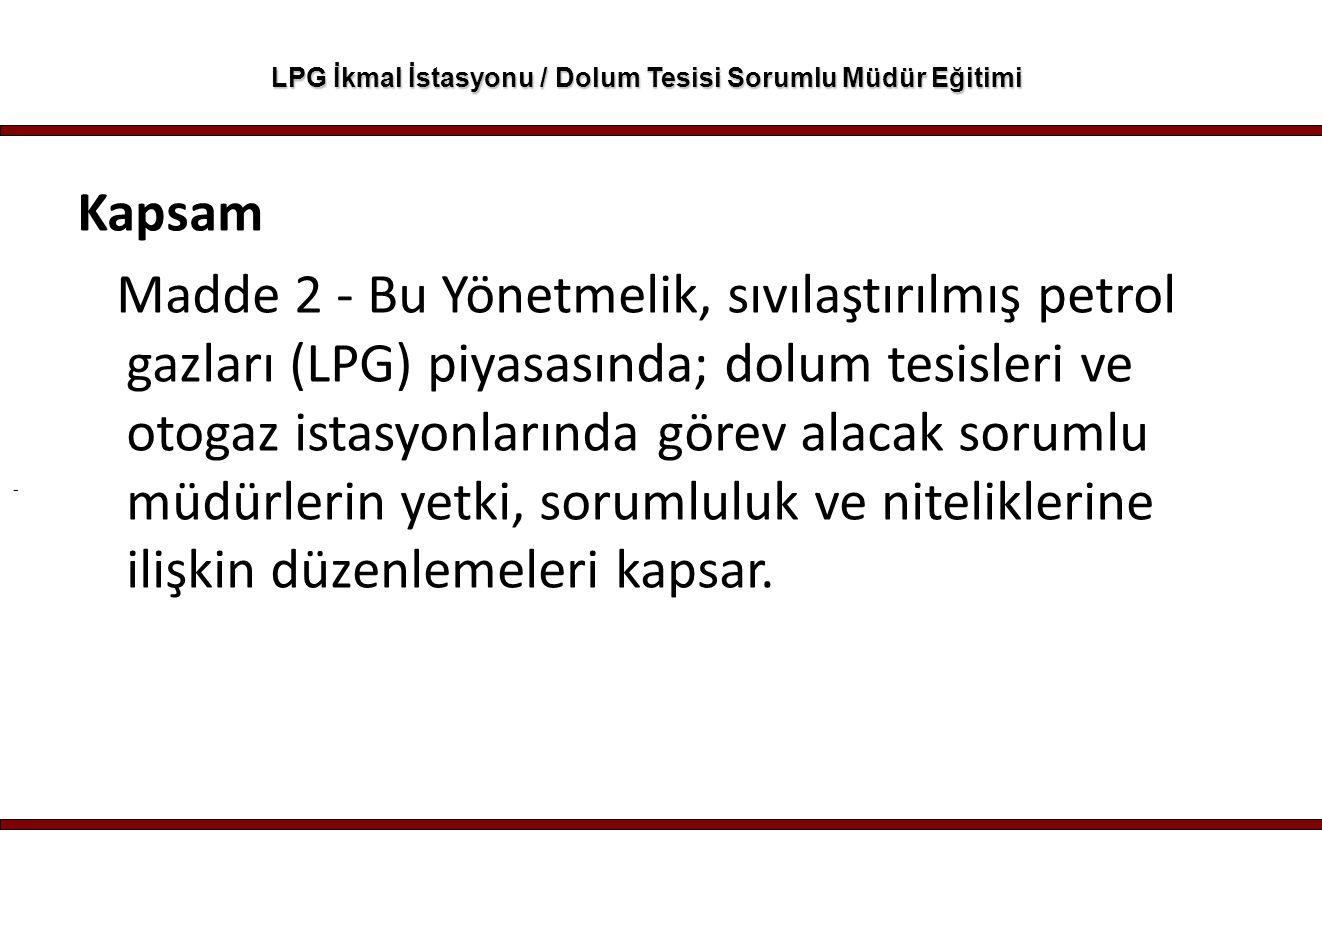 - LPG İkmal İstasyonu / Dolum Tesisi Sorumlu Müdür Eğitimi LPG Otogaz İstasyonu/Dolum Tesisi Sorumlu Müdür Belgesi Bu belge LPG Otogaz İstasyonu veya Dolum Tesisi alanında verilir.